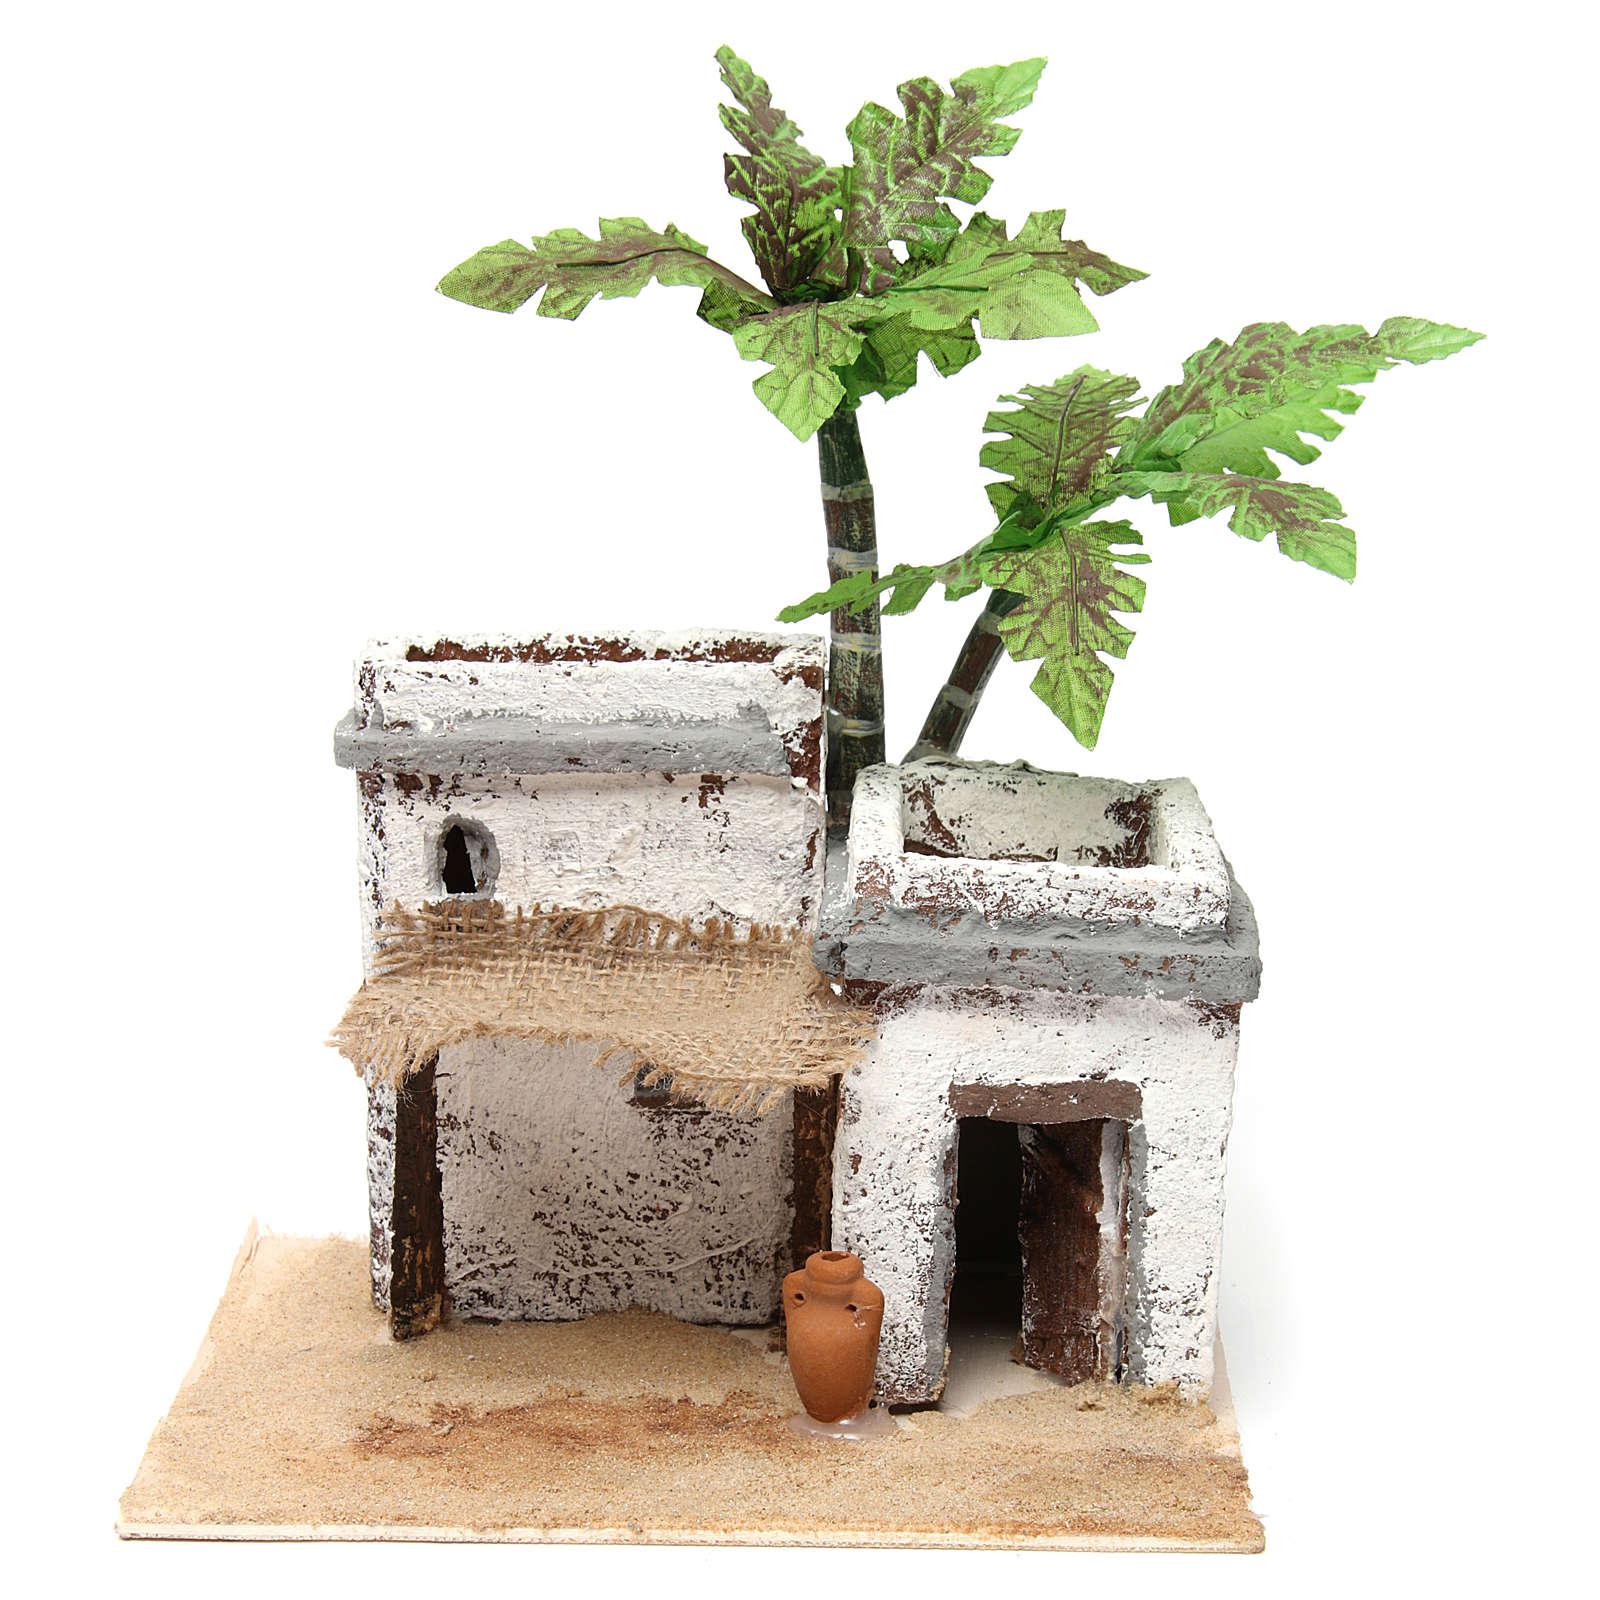 Casa doppia in stile arabo colonne piegate 20x20x20 cm in legno e resina 4